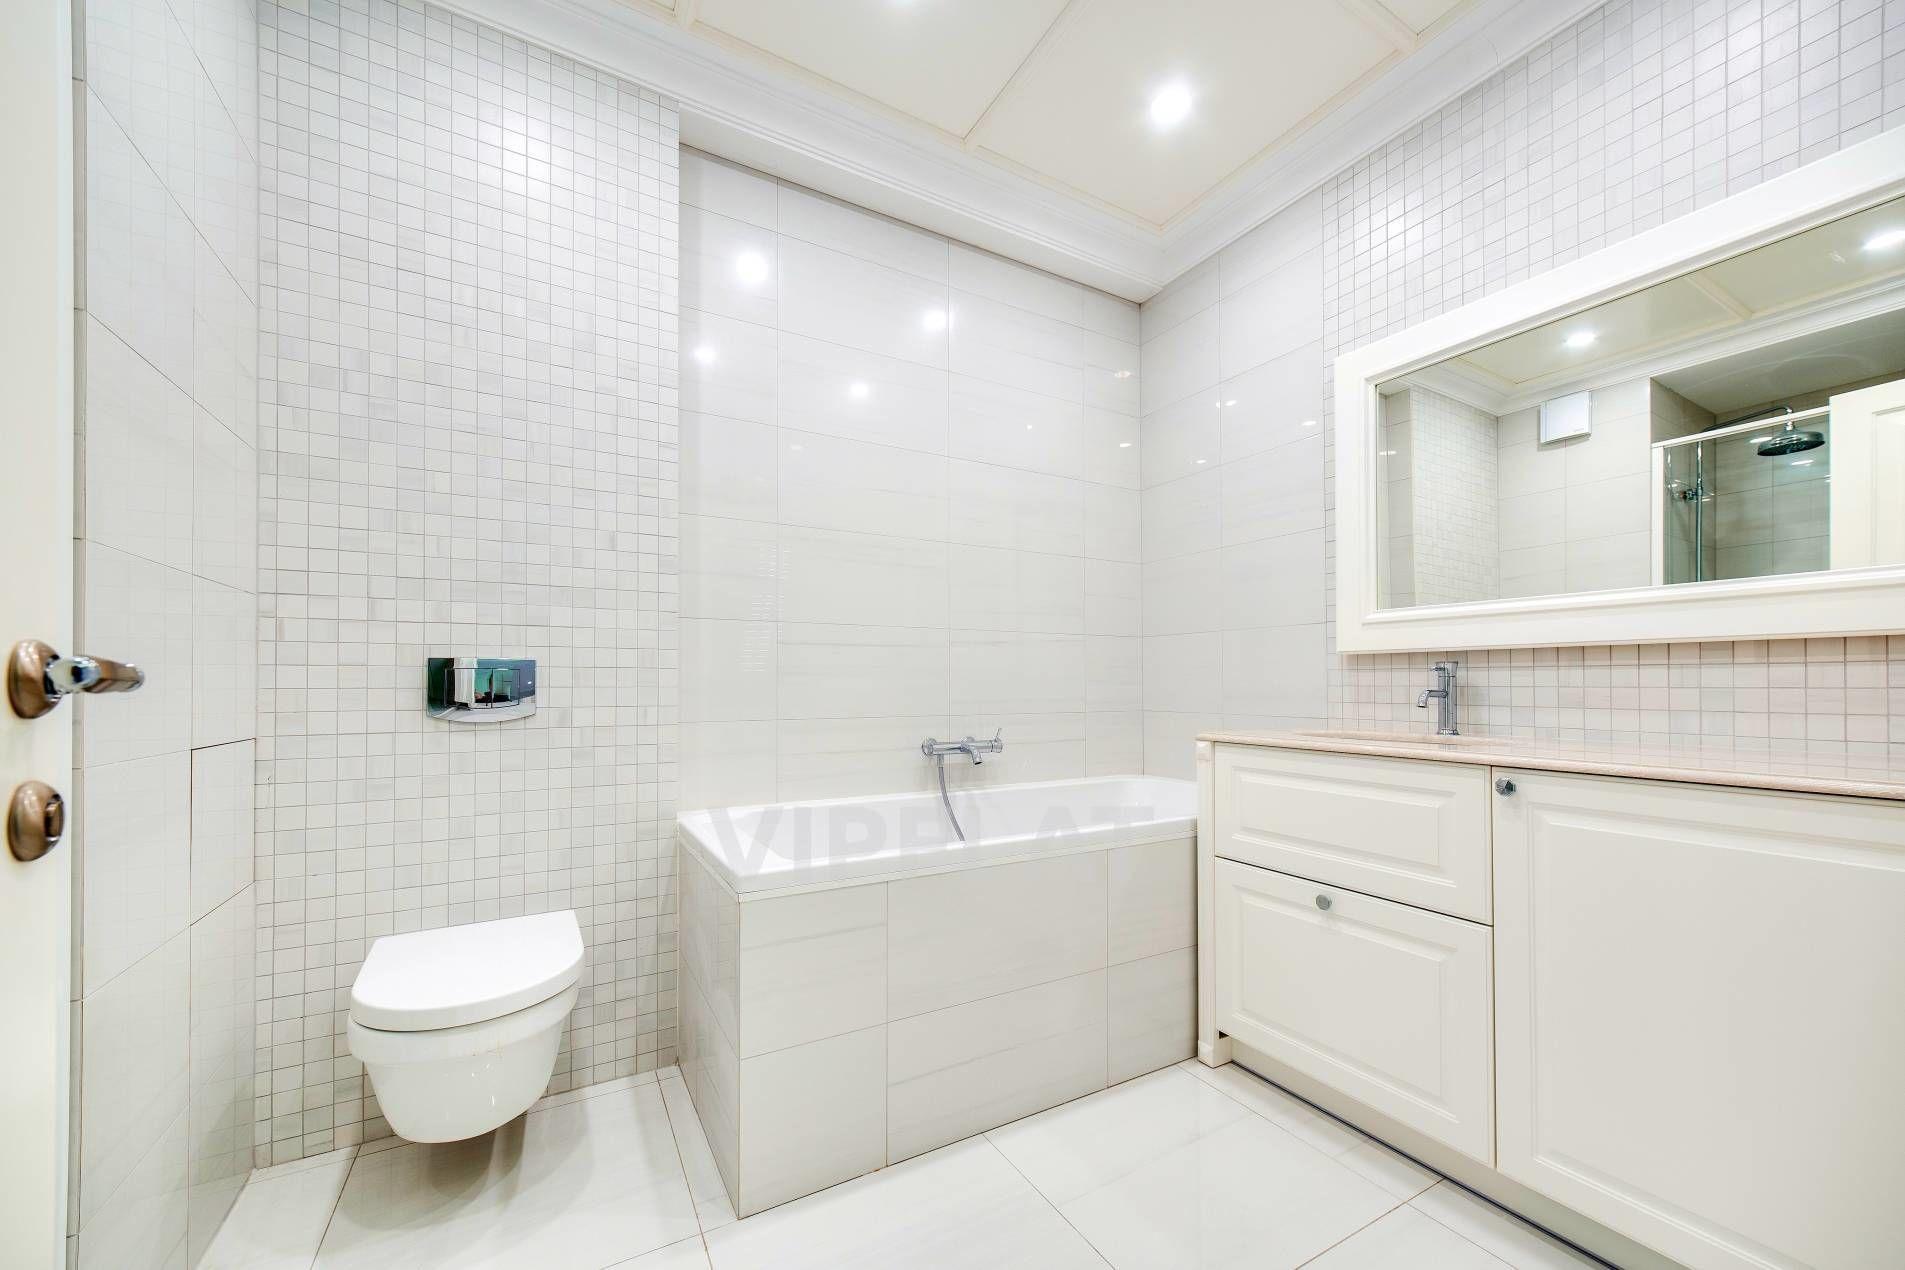 Продажа элитных квартир Санкт-Петербурга. Приморский пр., 52 к.1 Ванная комната